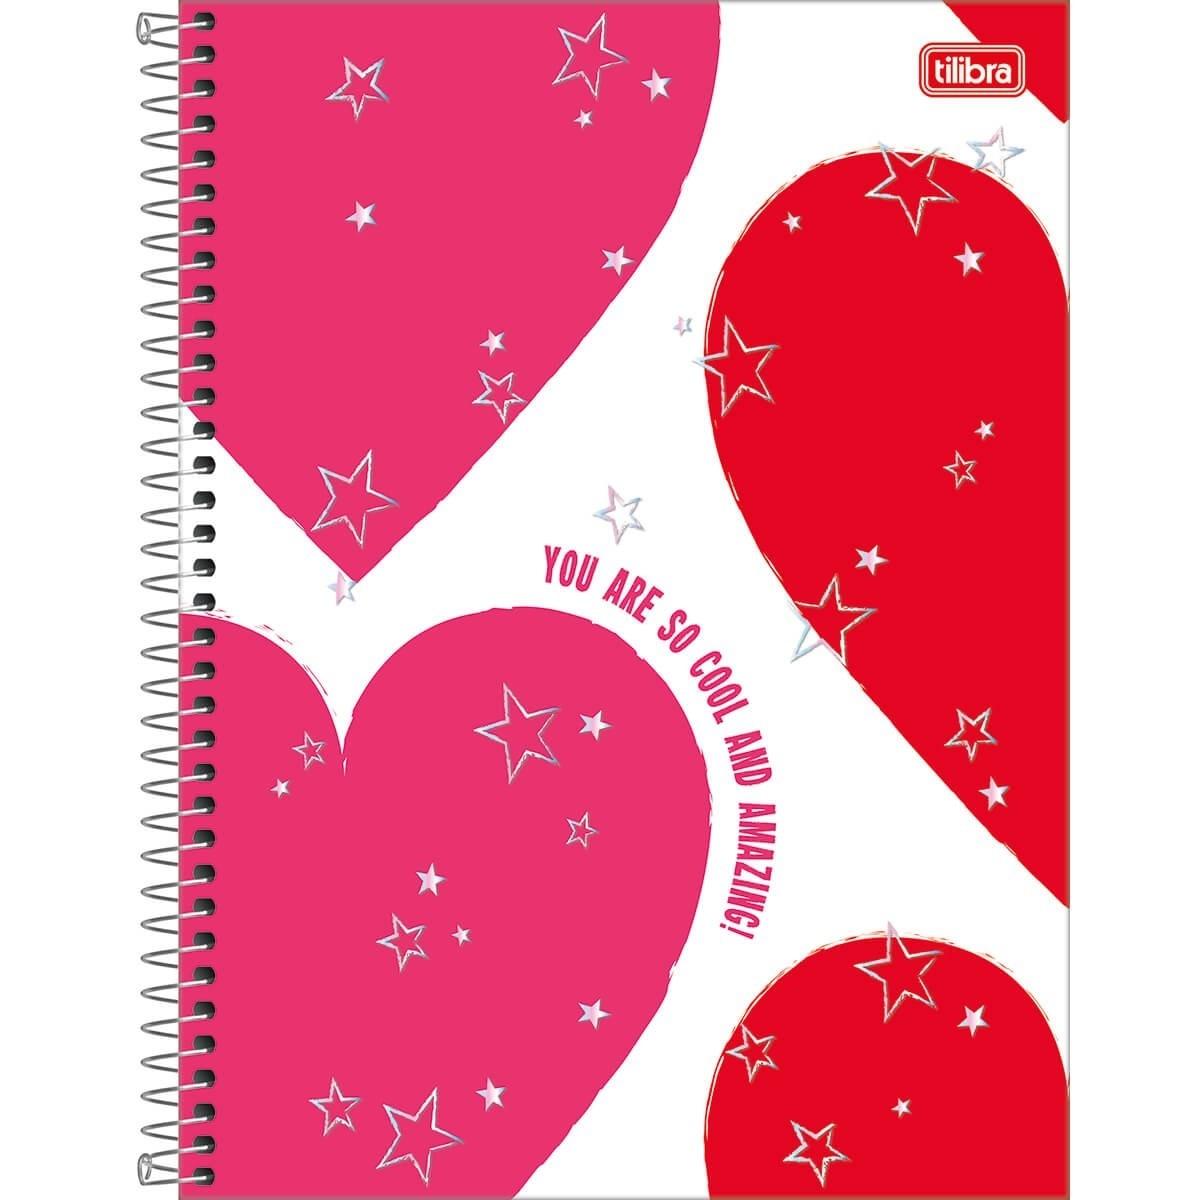 Caderno Espiral Capa Dura Universitário 10 Matérias Love Pink 160 Folhas Tilibra